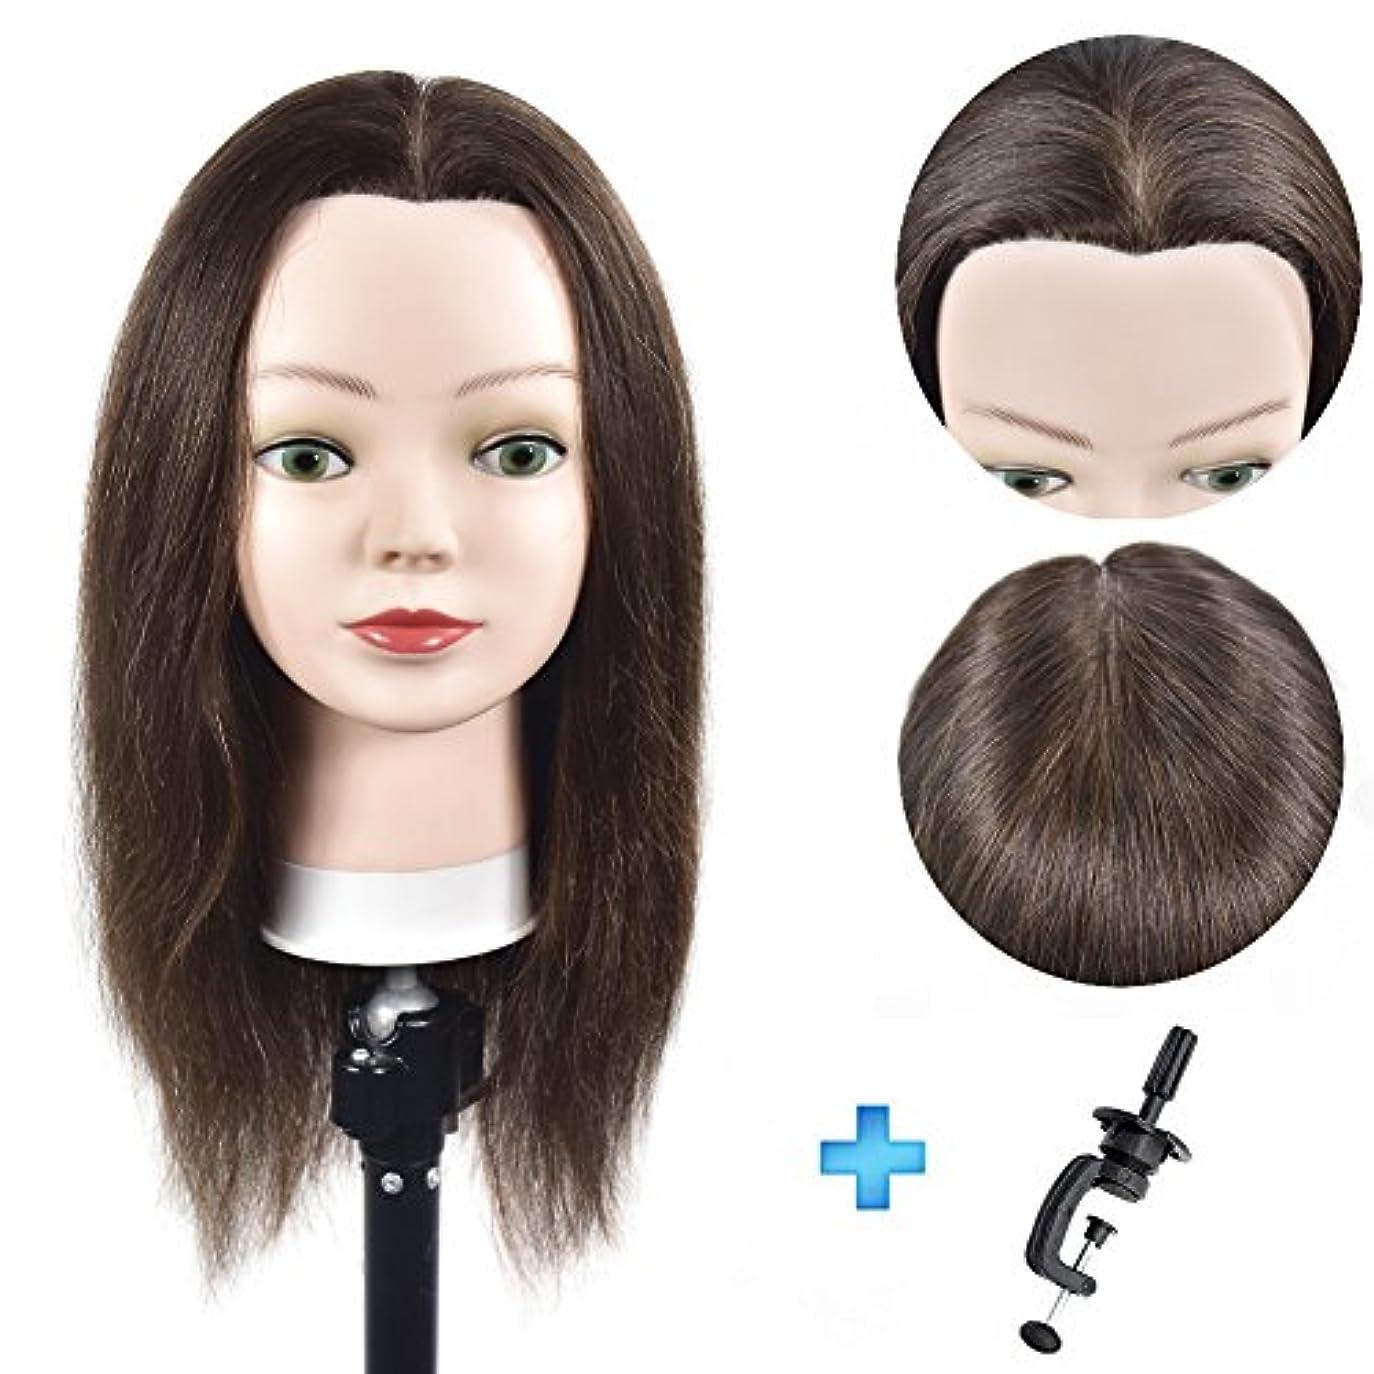 あいさつ深く円形16インチマネキンヘッド100%人間の髪の美容師のトレーニングヘッドマネキン美容師の人形ヘッド(テーブルクランプスタンドが含まれています)